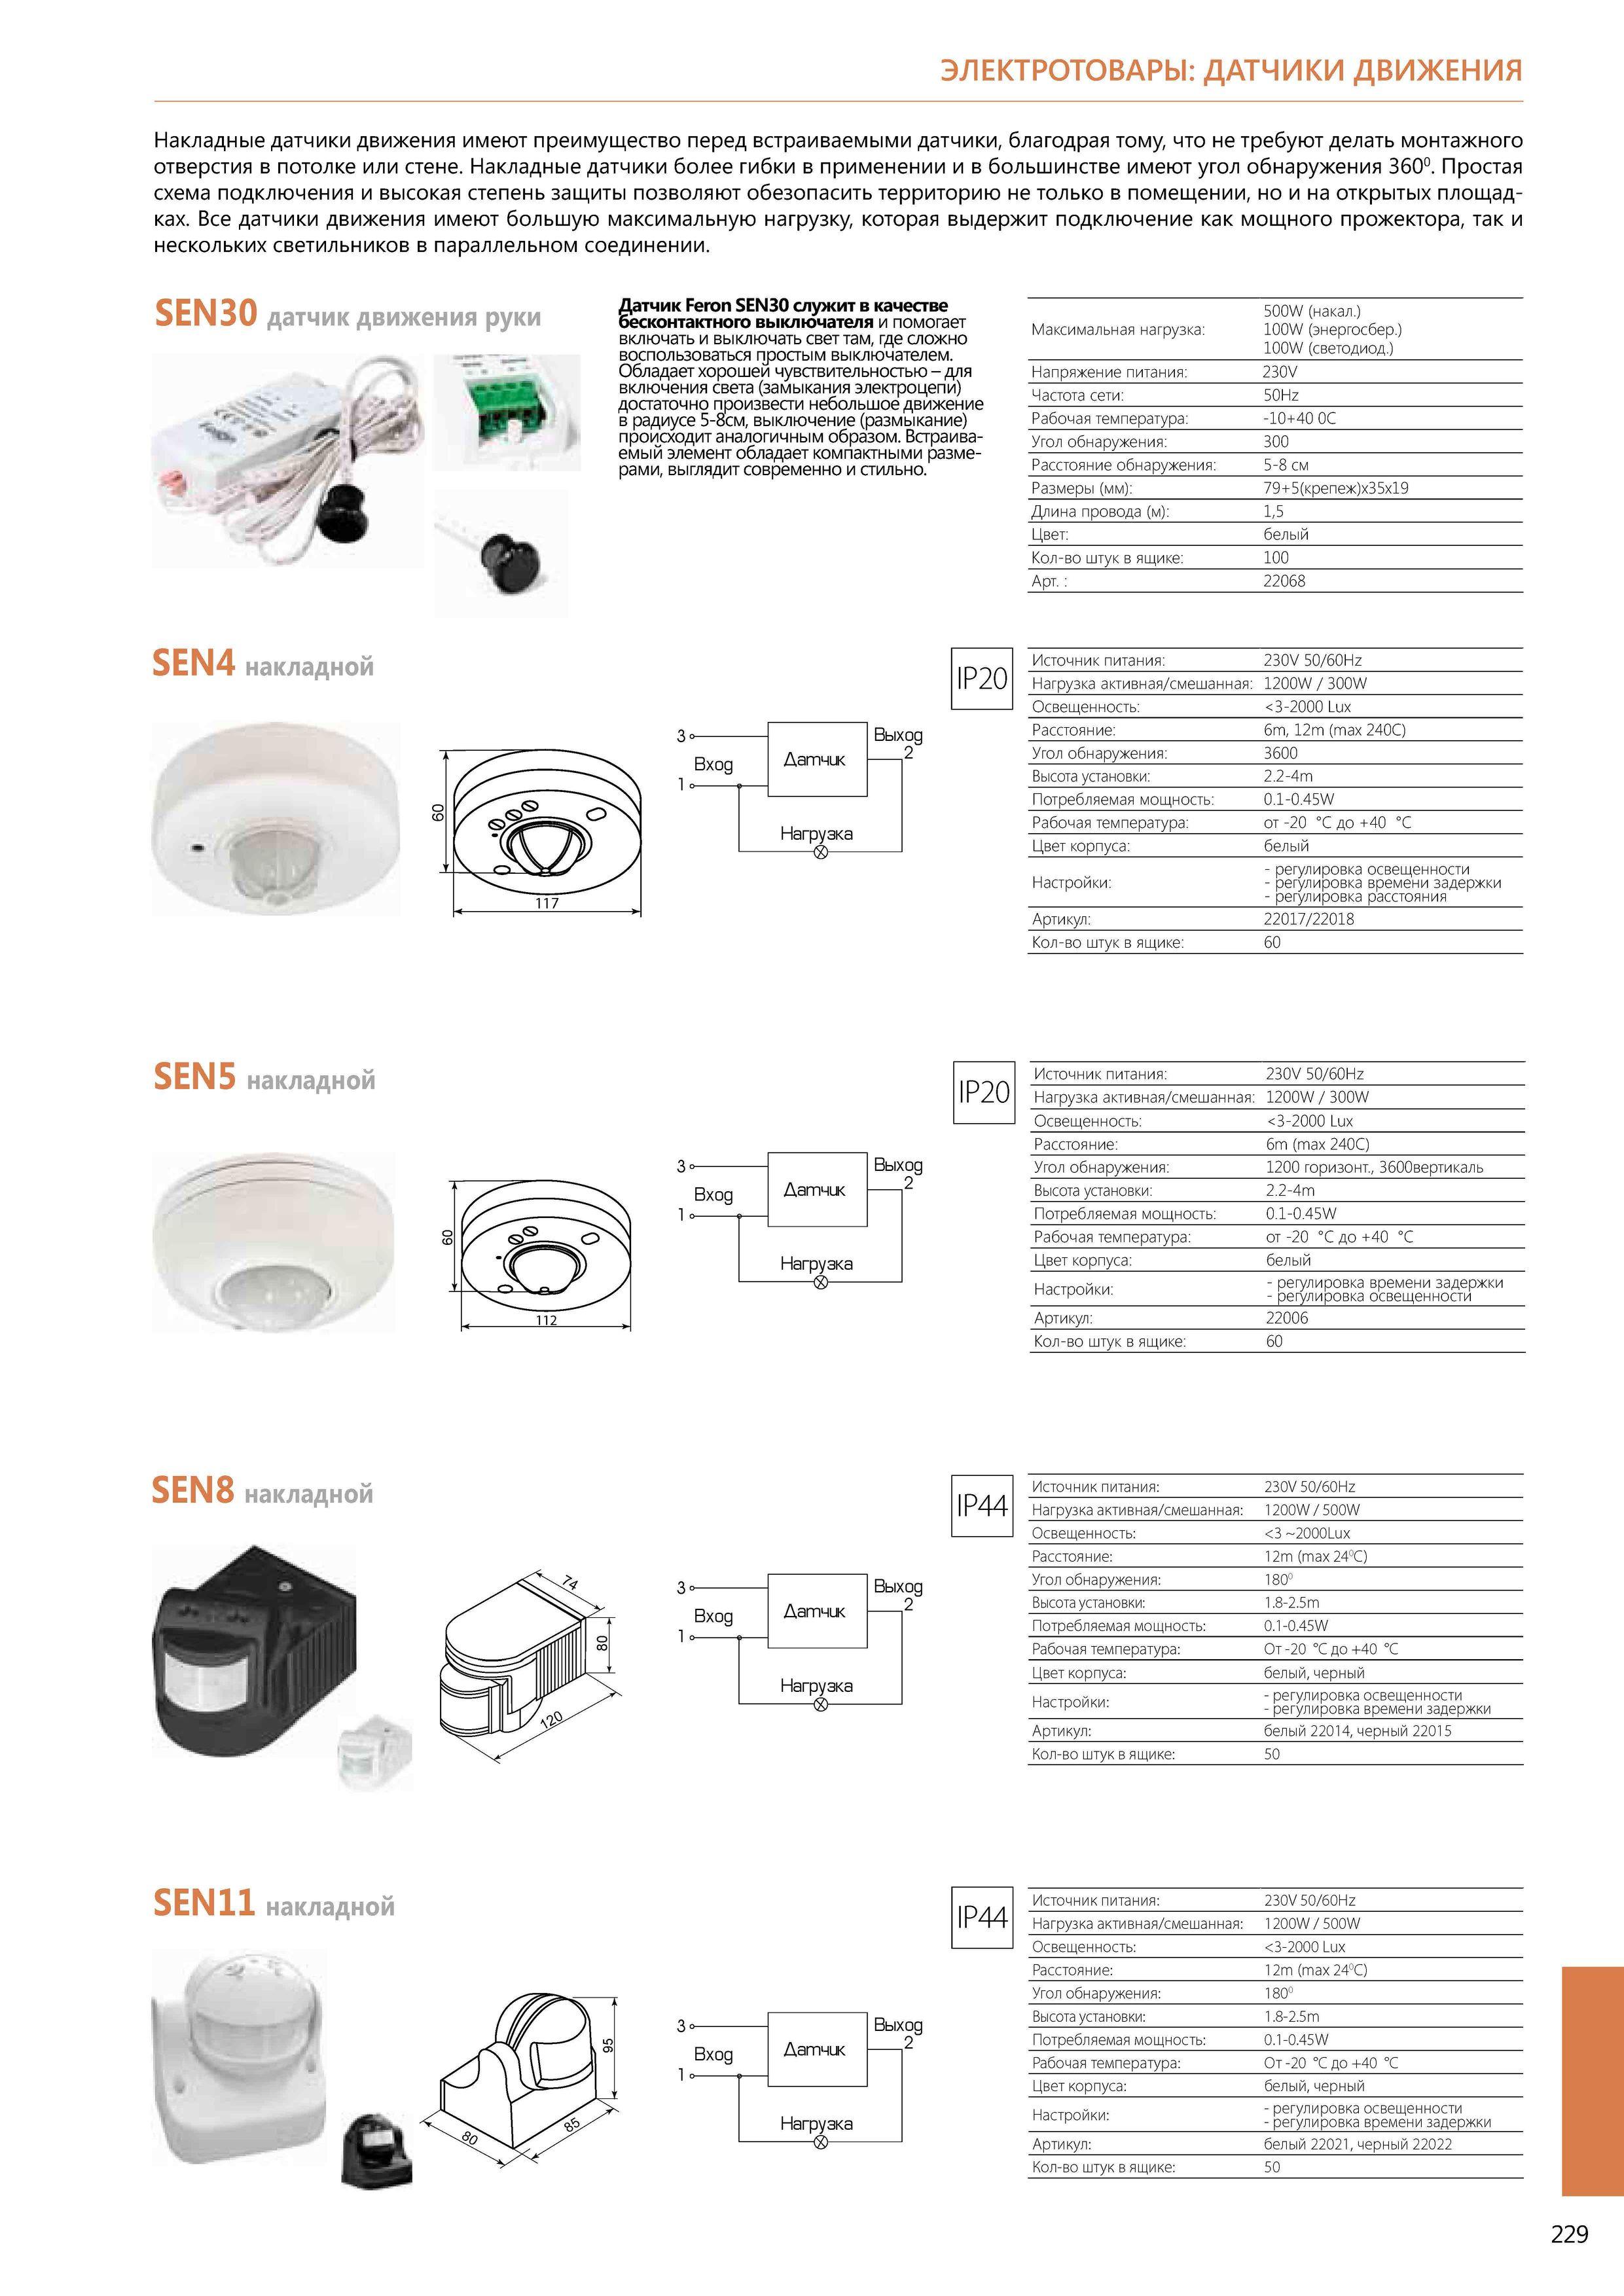 Схема светодиодного светильника с датчиком движения и освещенности